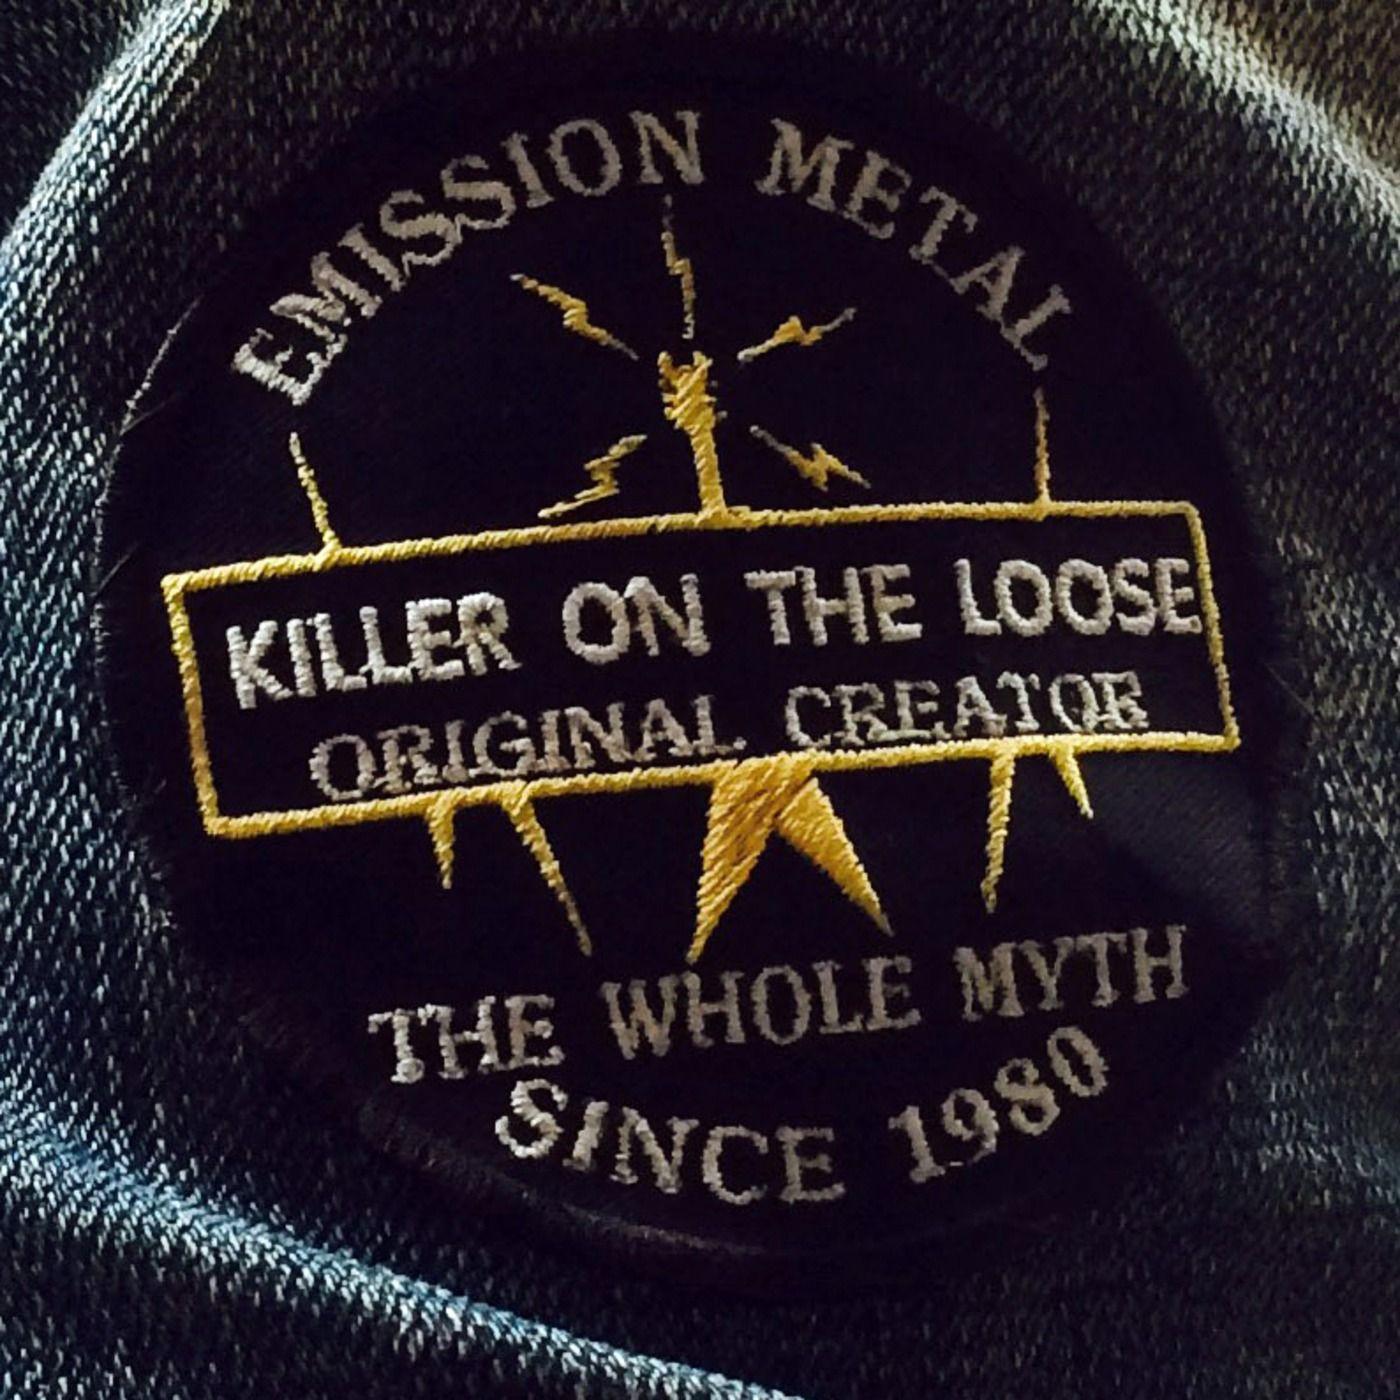 Chronique du Créateur 314 - l'année 2001 dans le Metal